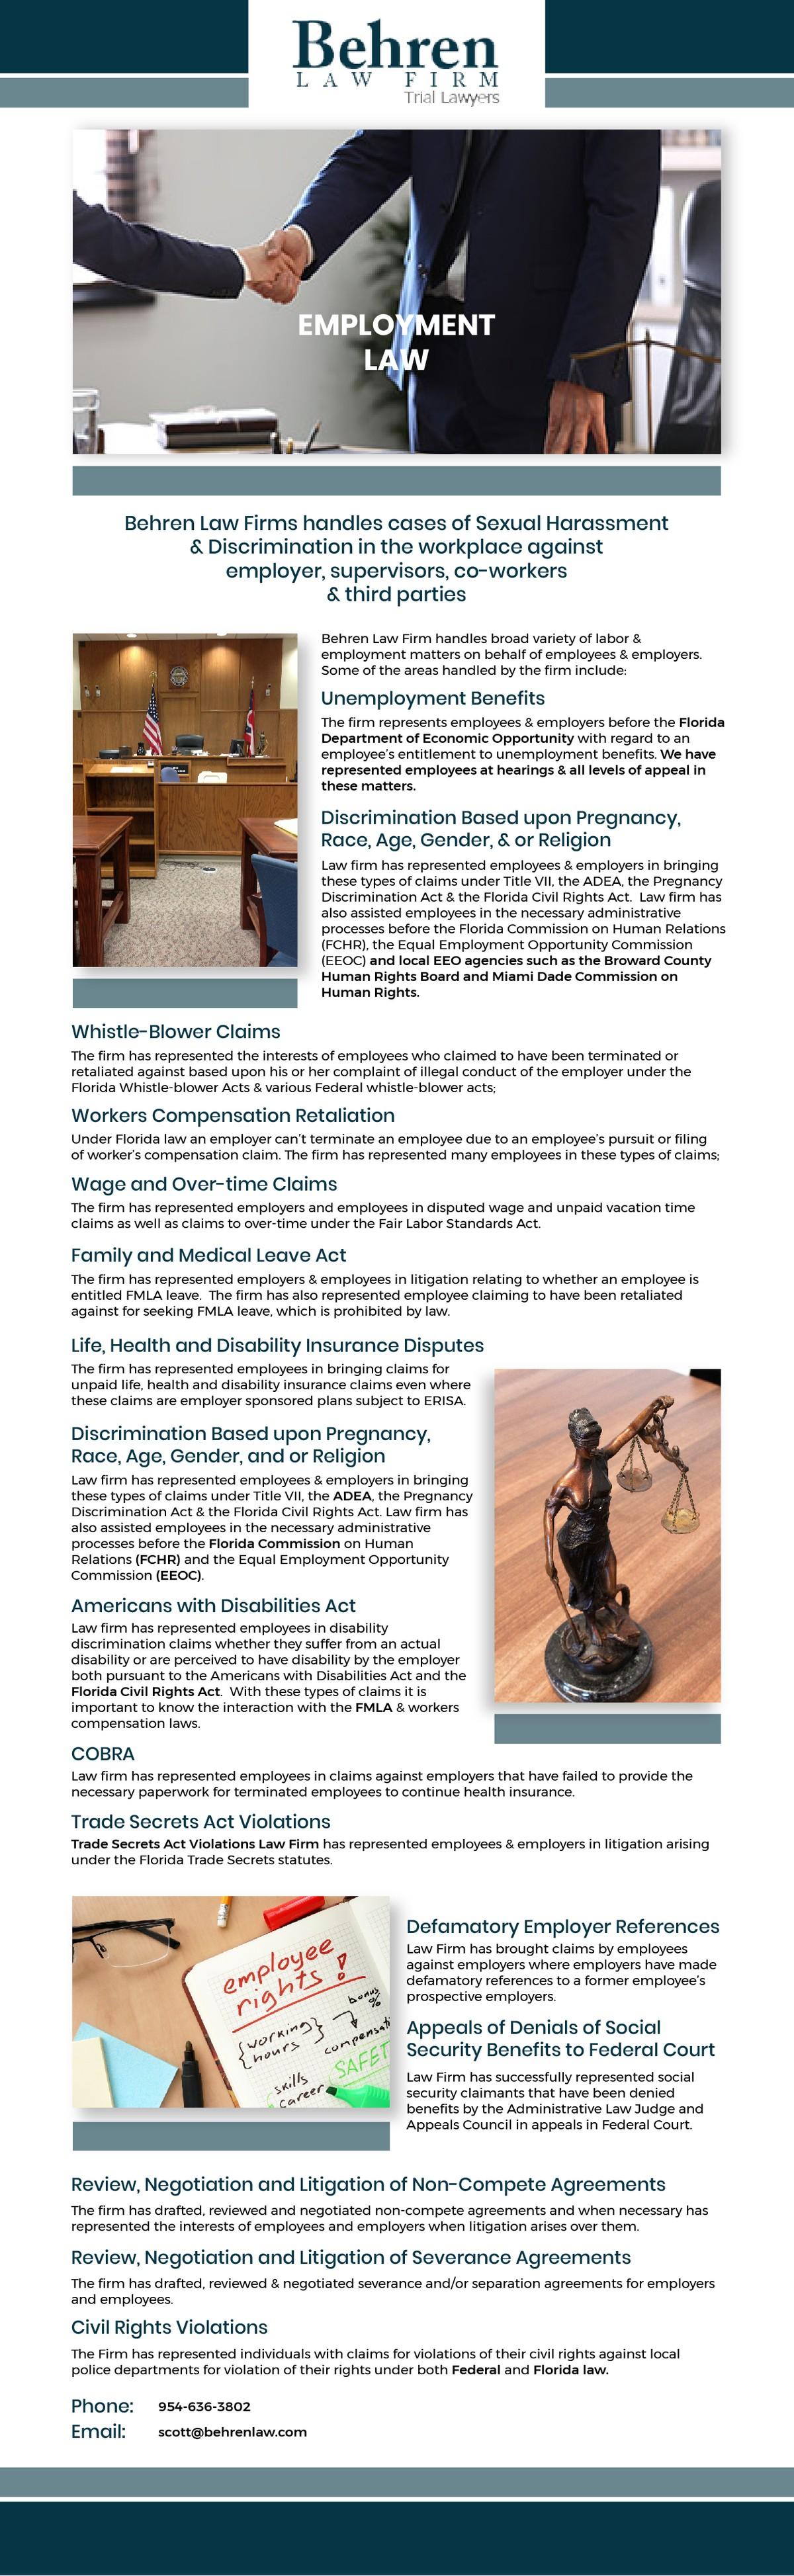 Newsletter design for Behren Law Frim